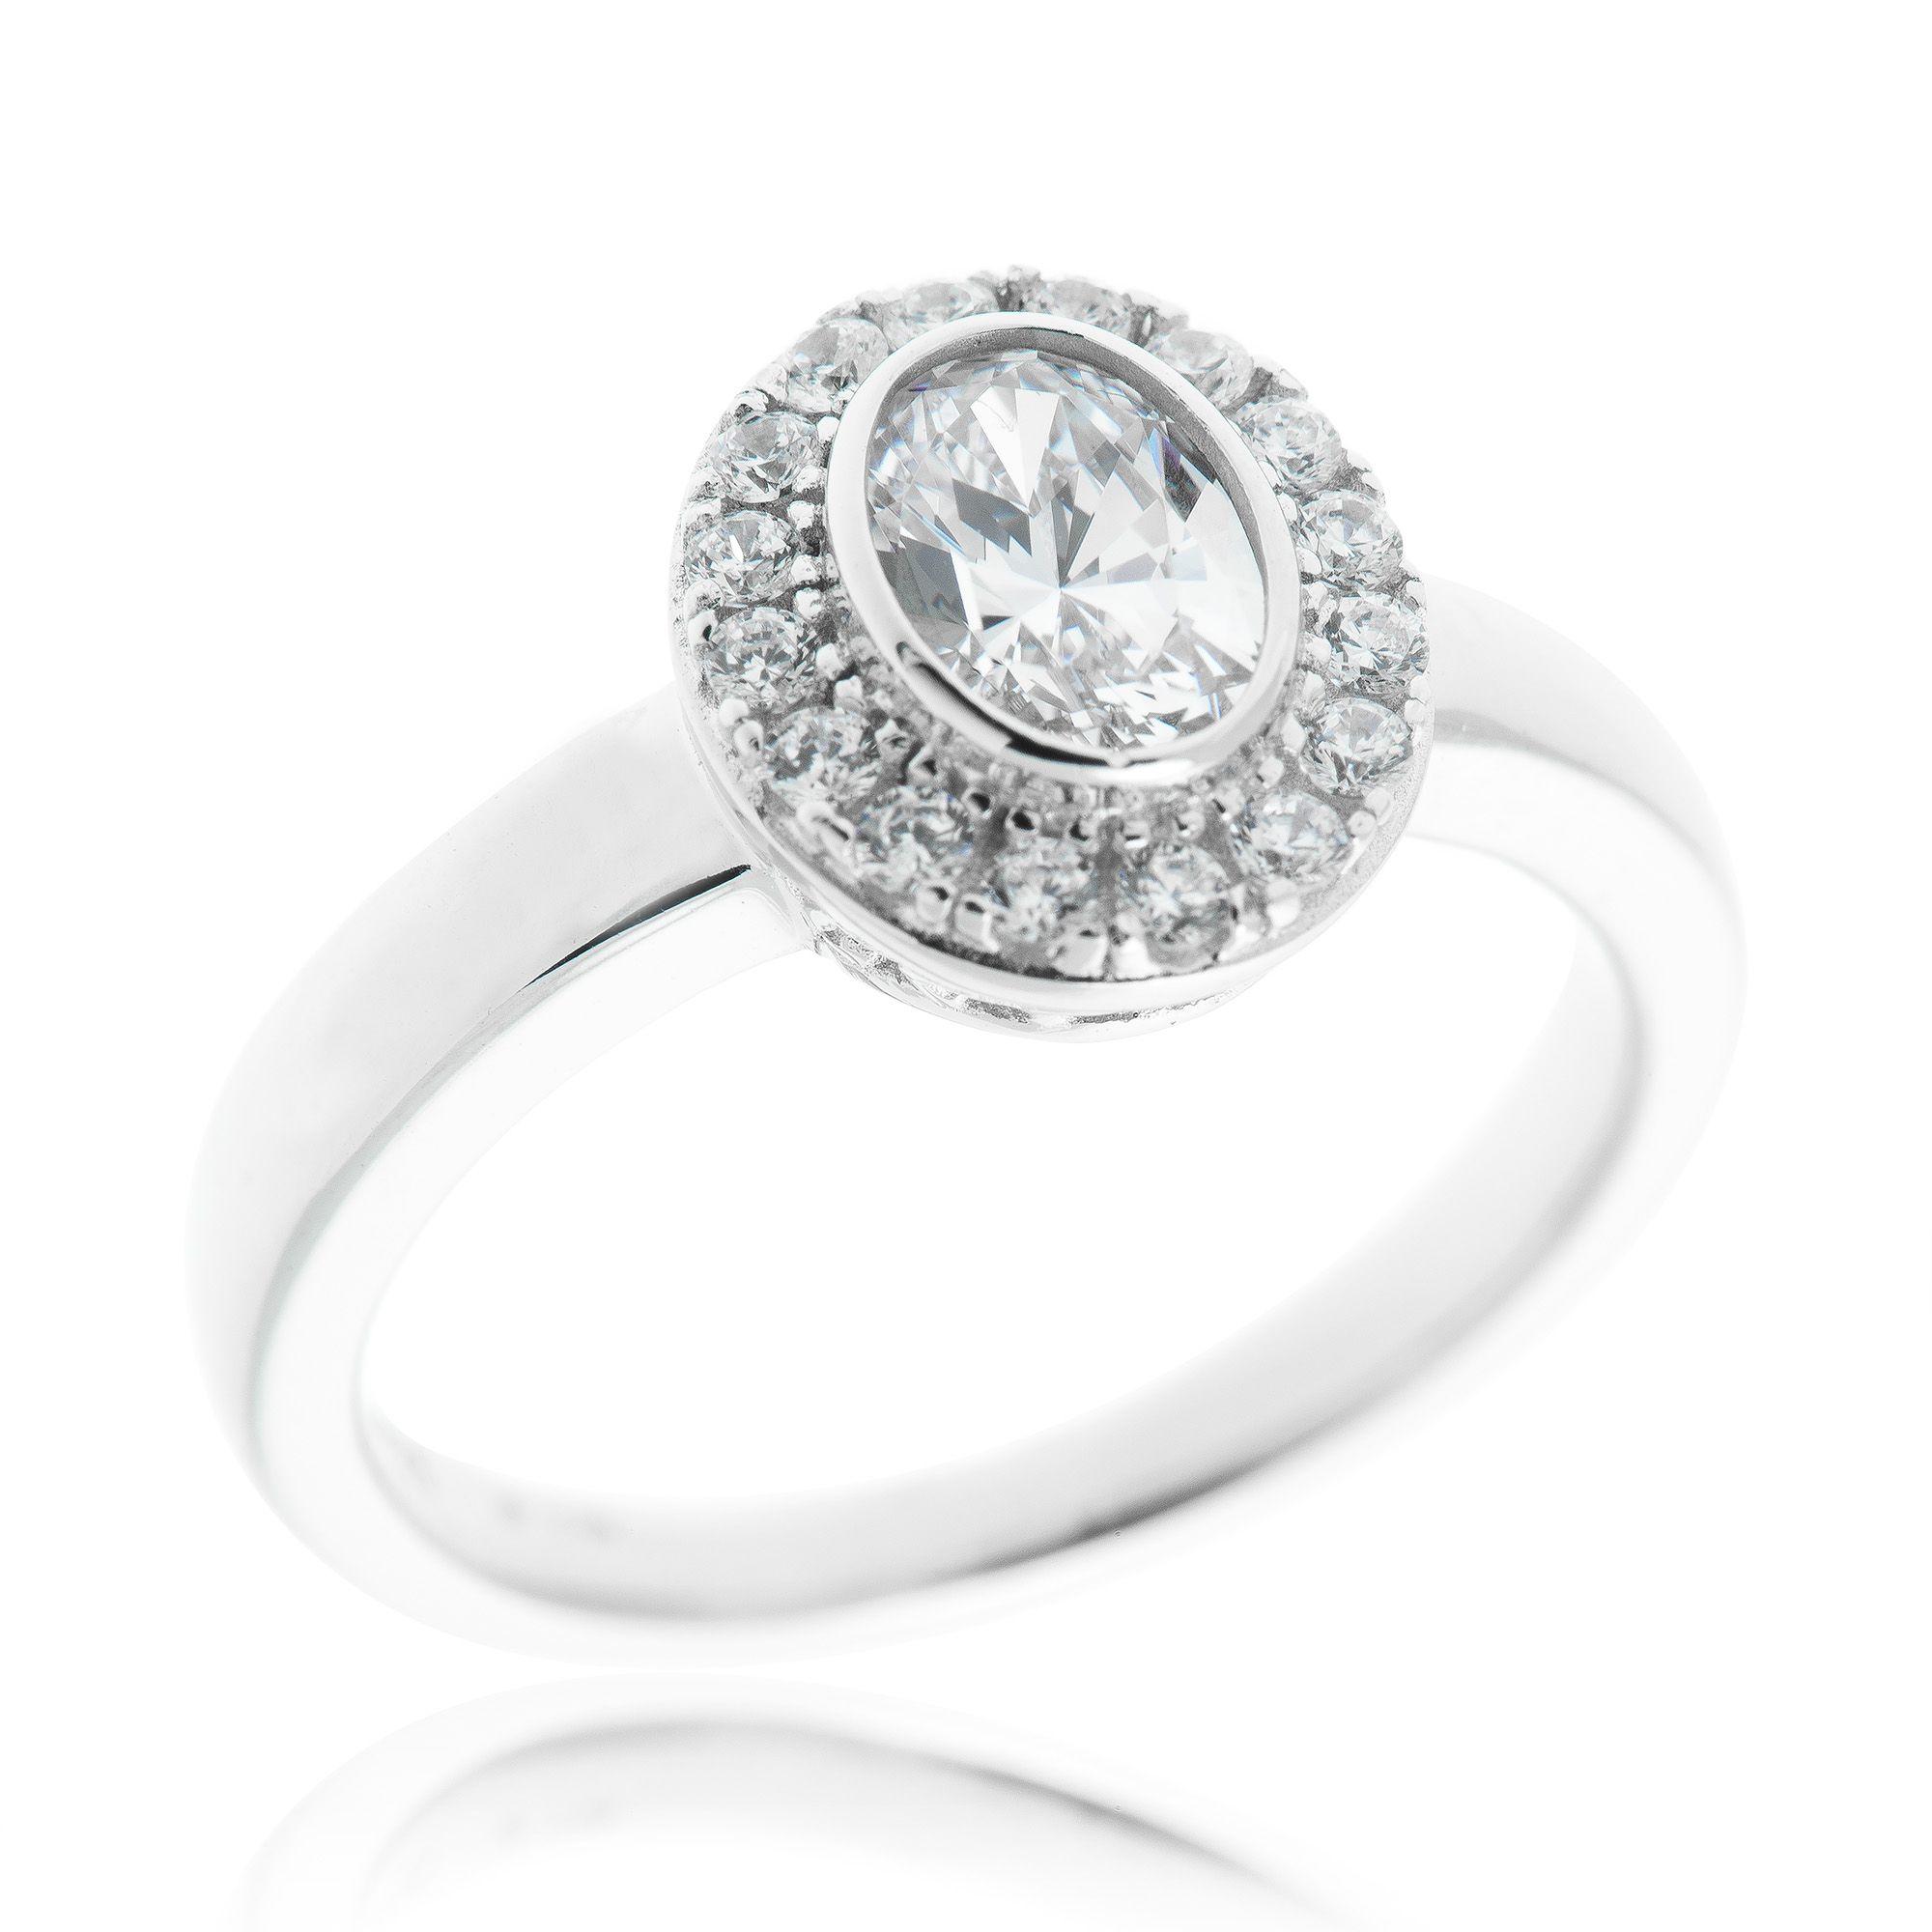 Diamonique anello pari a in argento 925 placcato platino qvc italia - Qvc marchi cucina ...